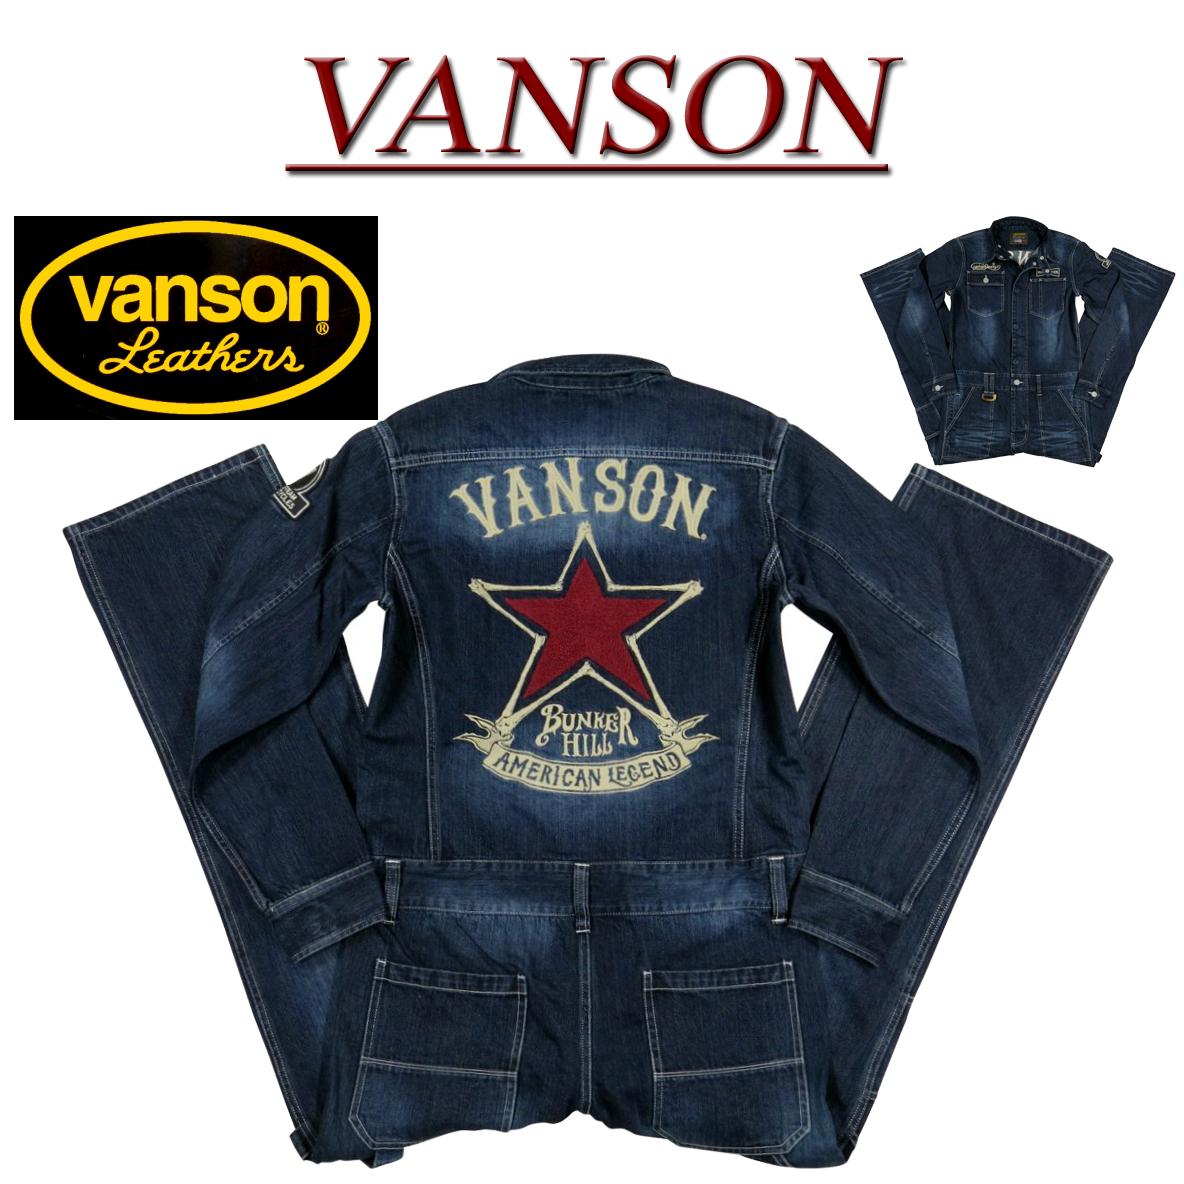 【5サイズ】 nb391 新品 VANSON ワンスター さがら刺繍 アンティーク加工 デニム ツナギ NVAO-2001 メンズ バンソン ONE STAR DENIM ALL IN ONE オールインワン つなぎ セットアップ 【smtb-kd】